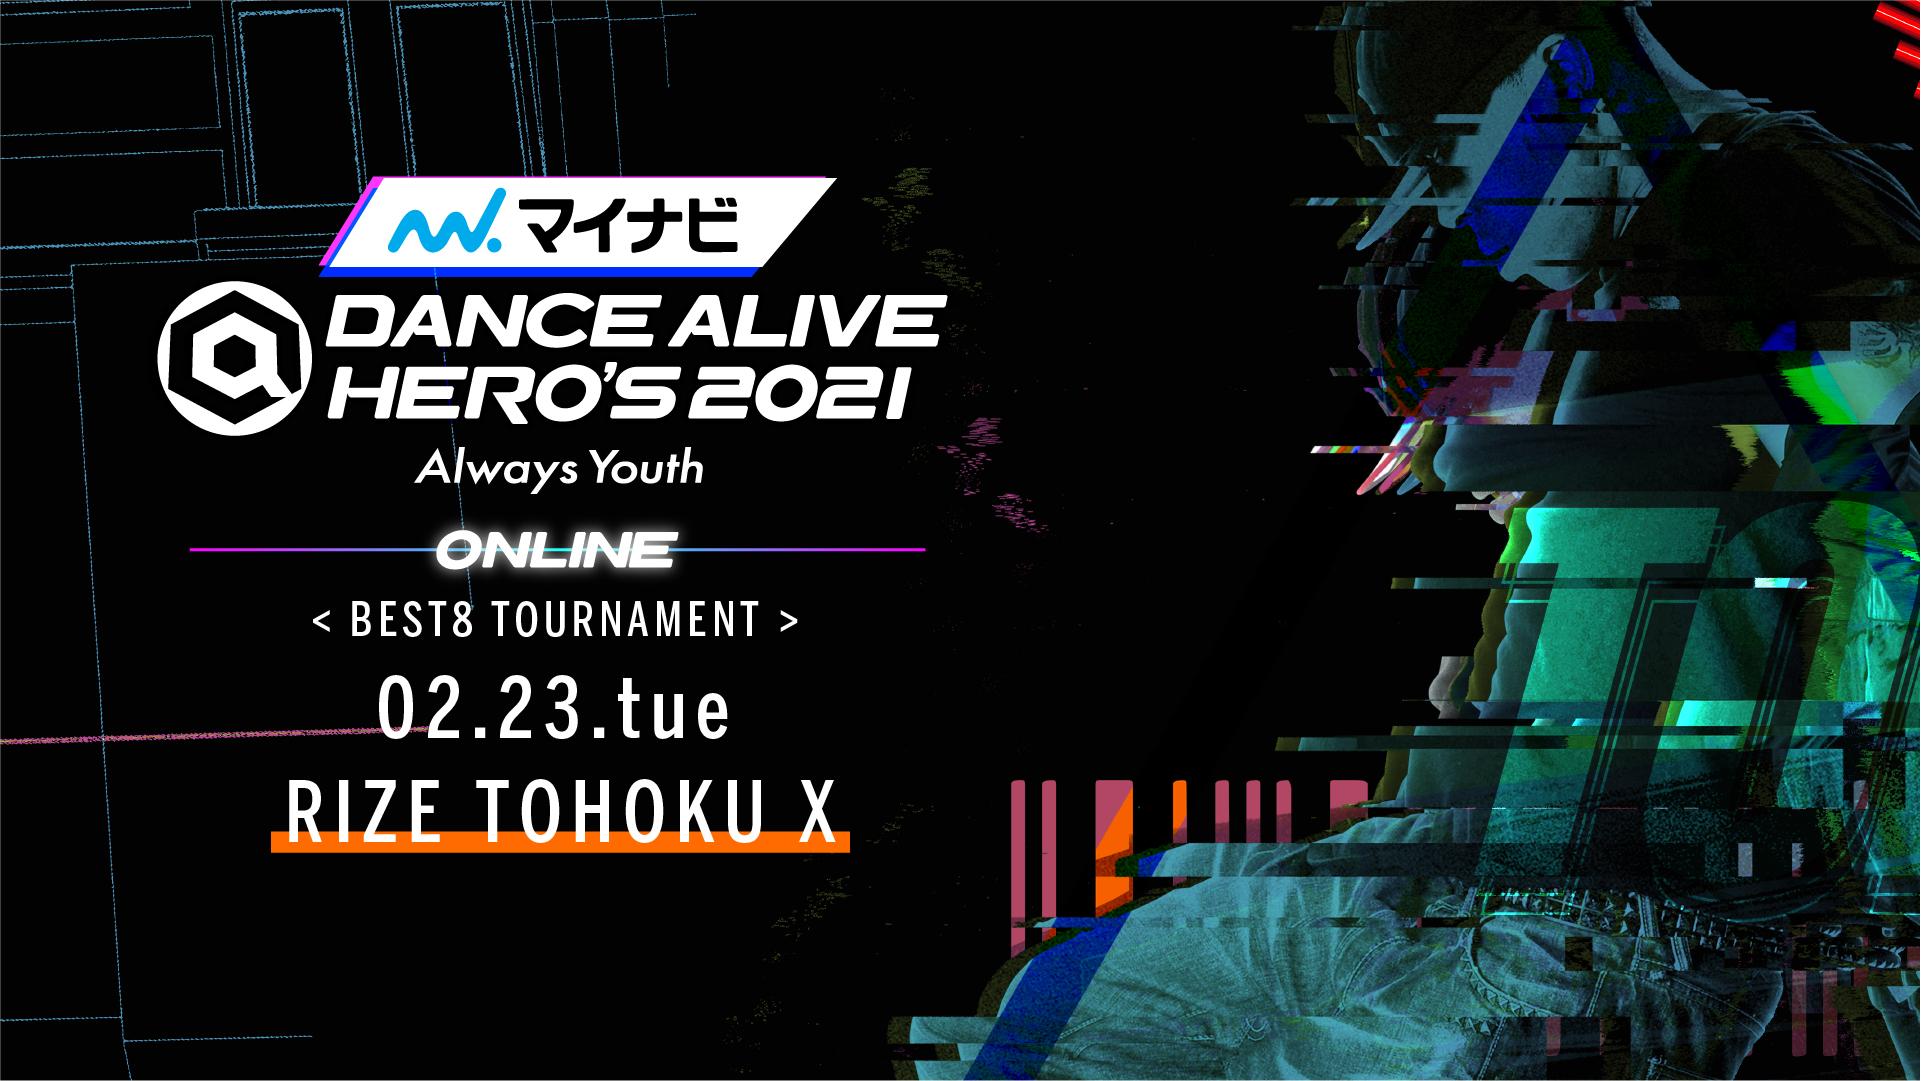 RIZE TOHOKU X